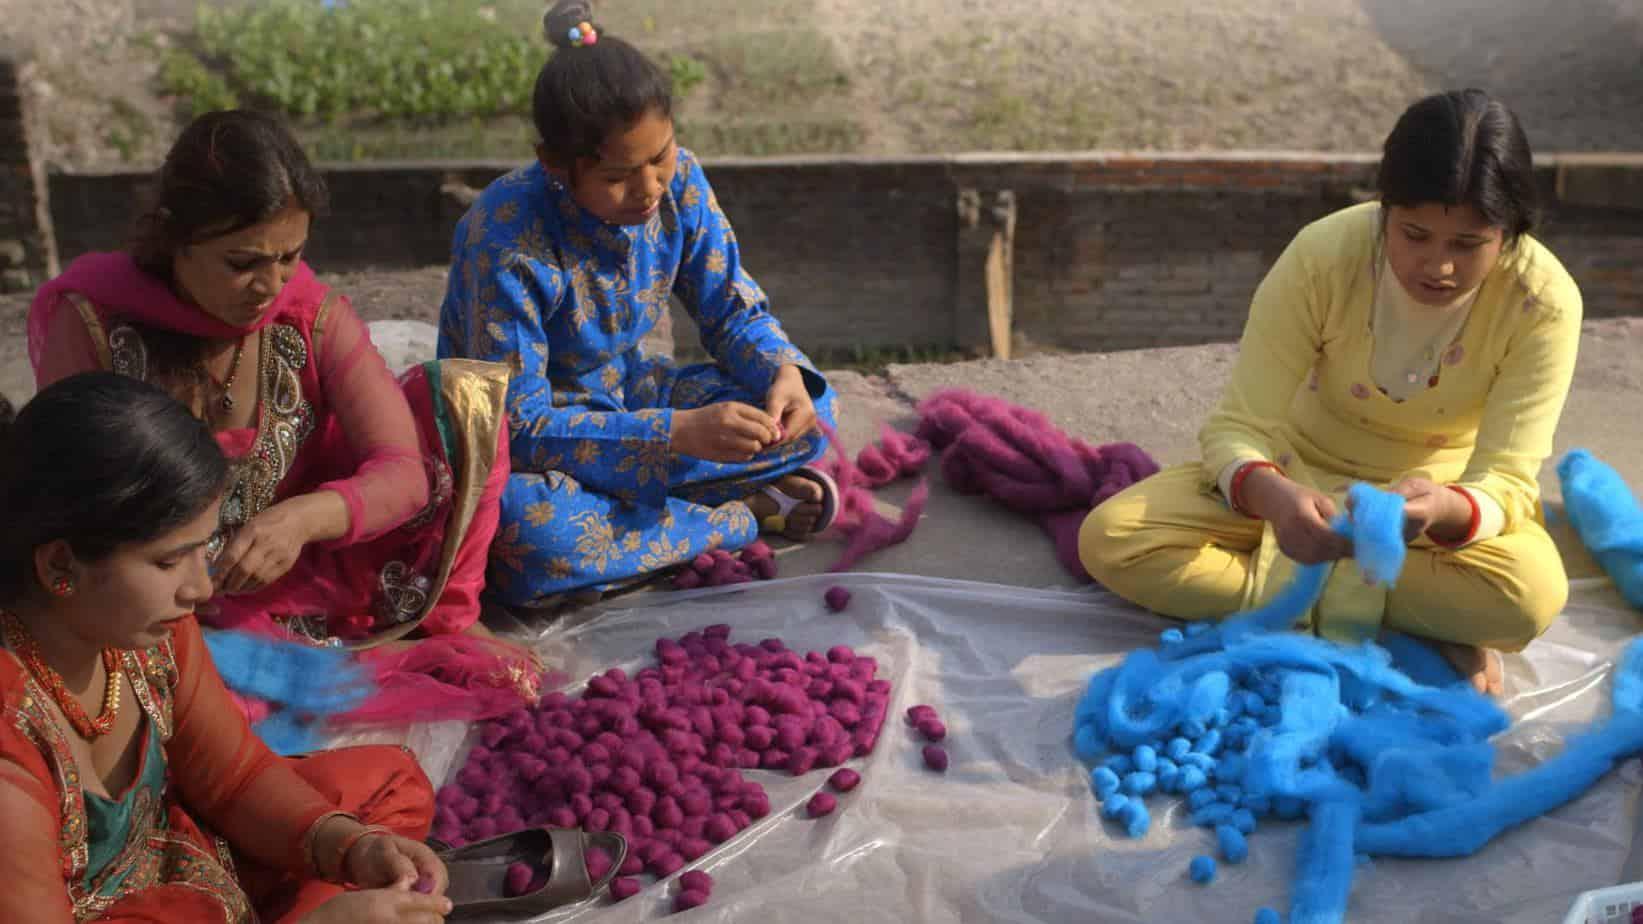 nepal 4 - Sukhi, une marque de tapis équitable et tendance